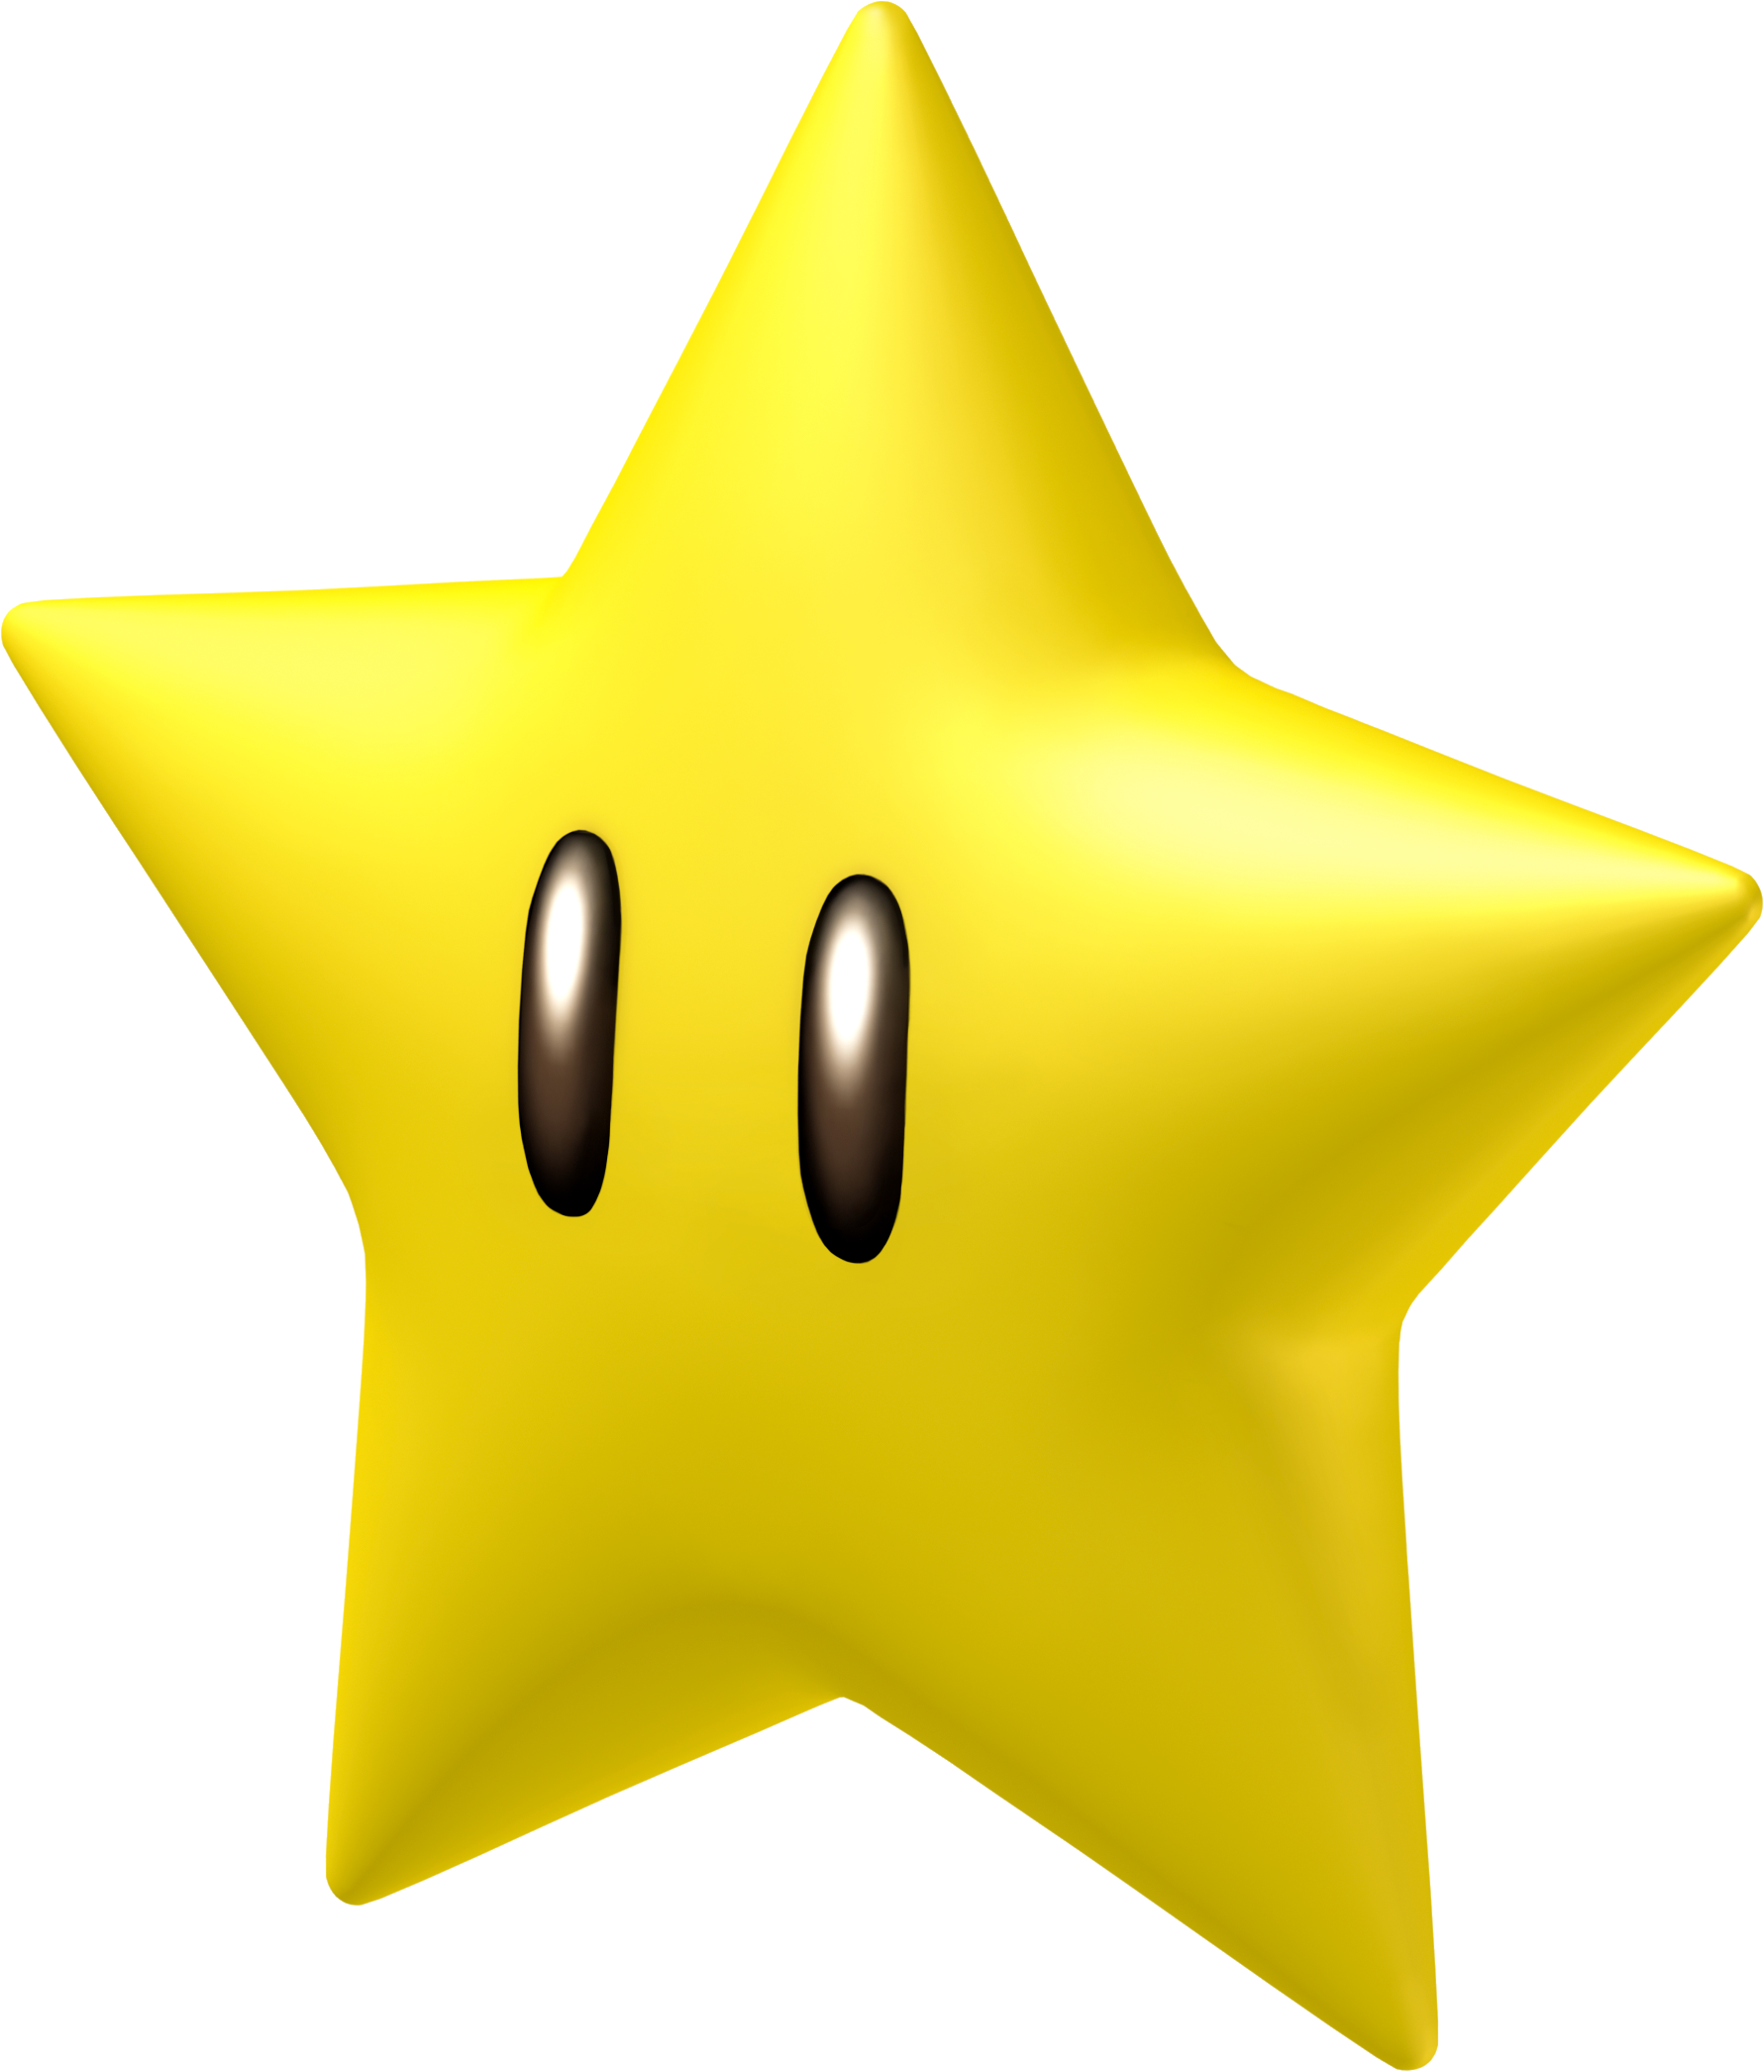 Mushroom clipart mario star Mushroom Fantendo Wiki Fanon Kart: